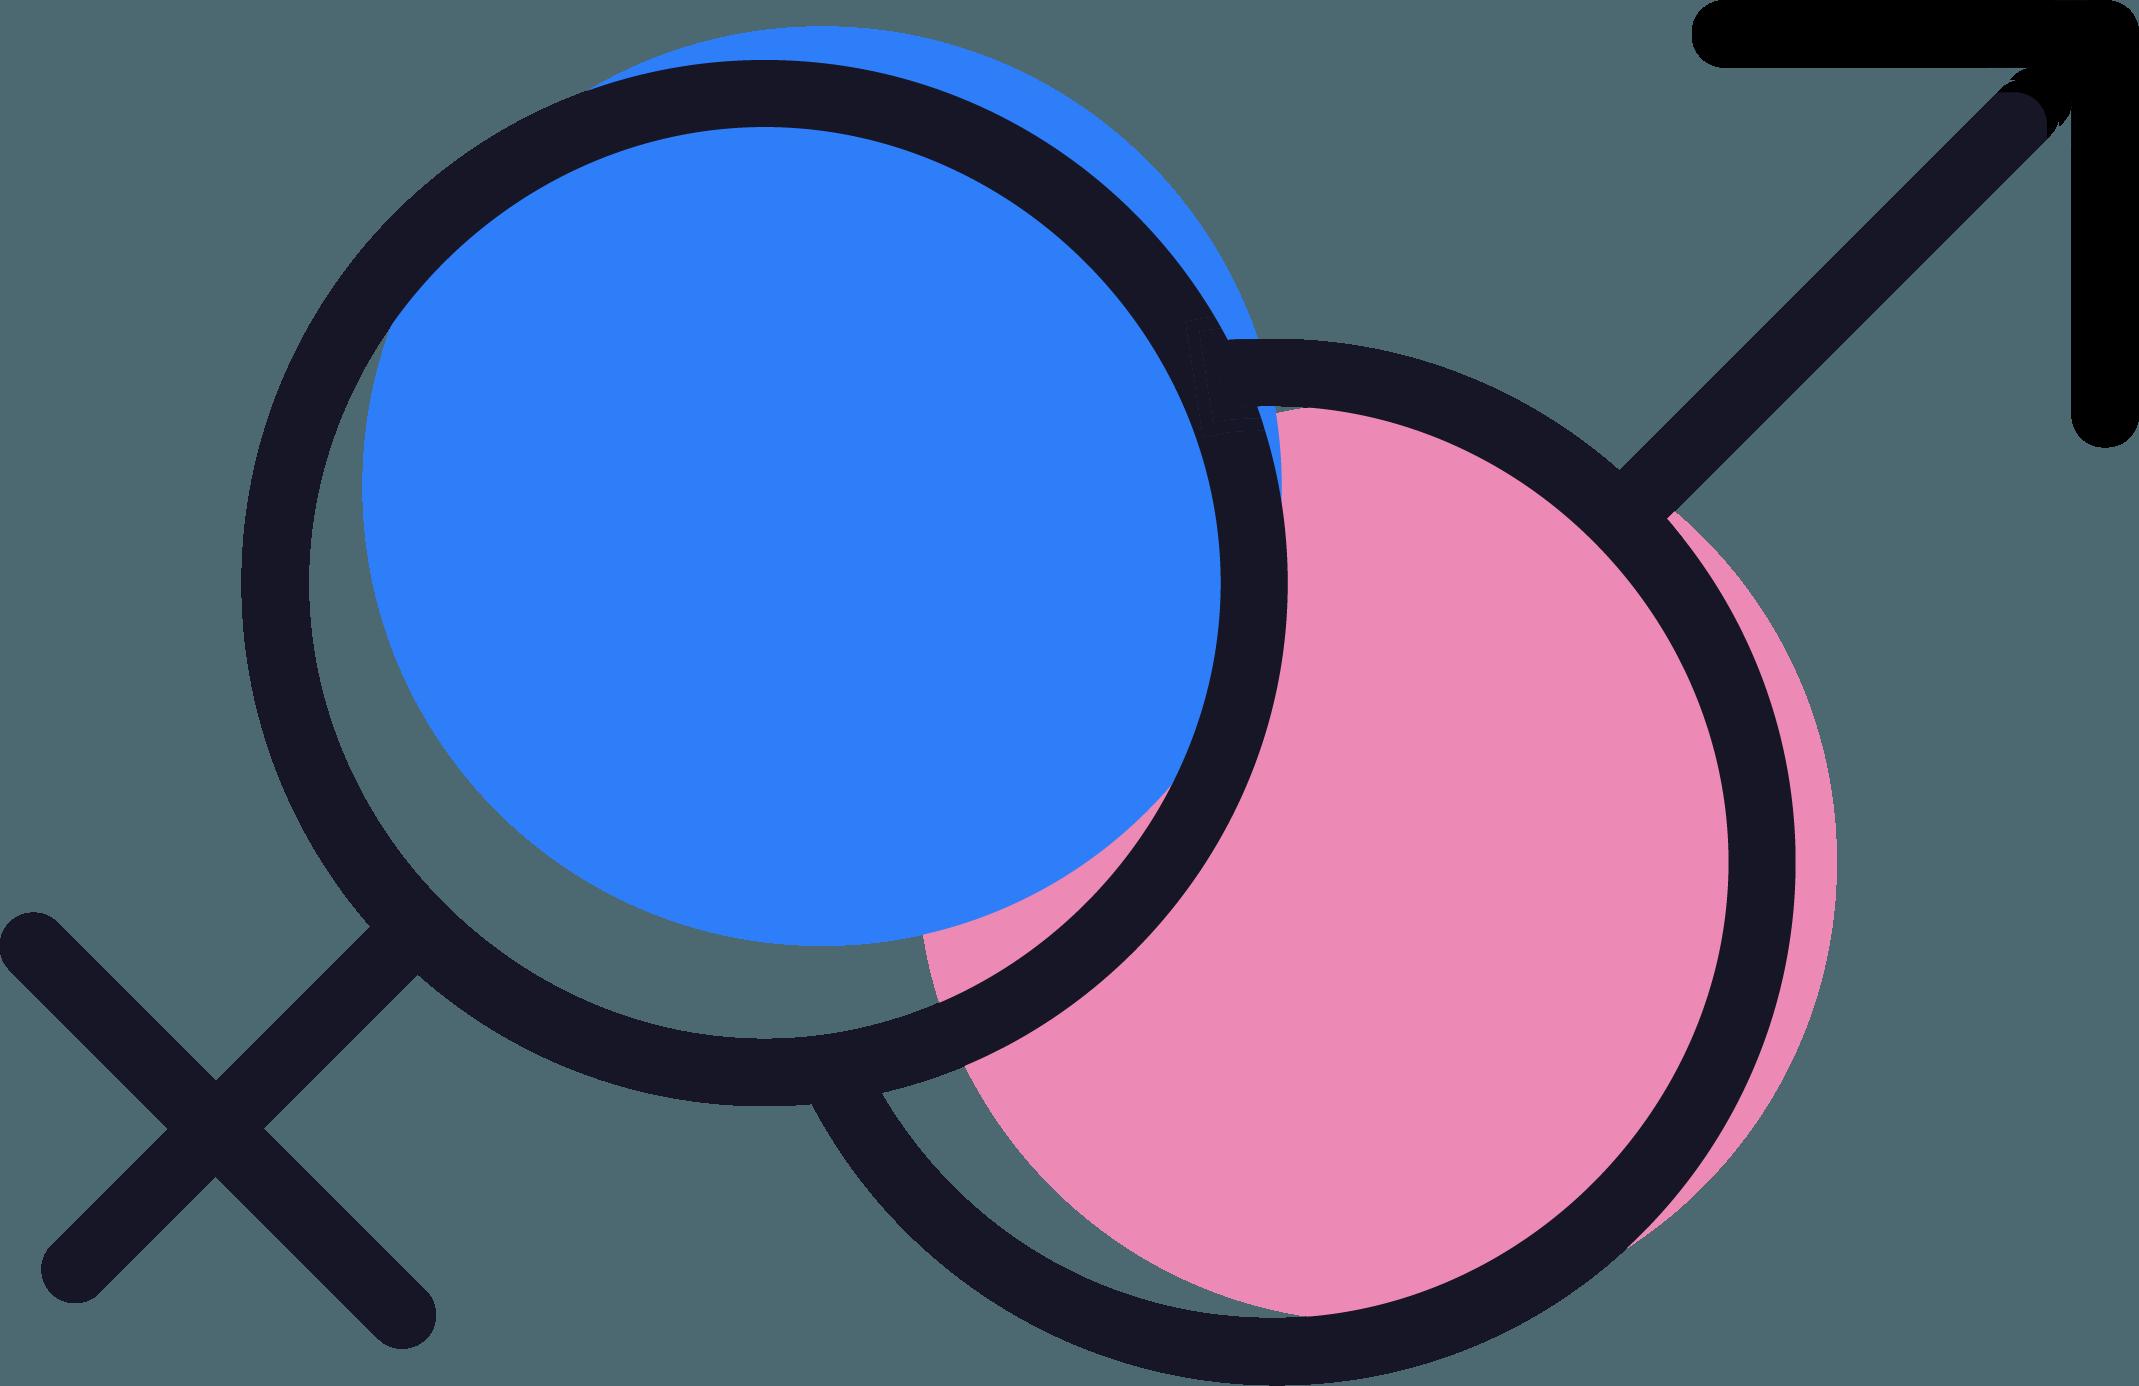 סינון לקוחות על מין וגיל בפורטל המומחים